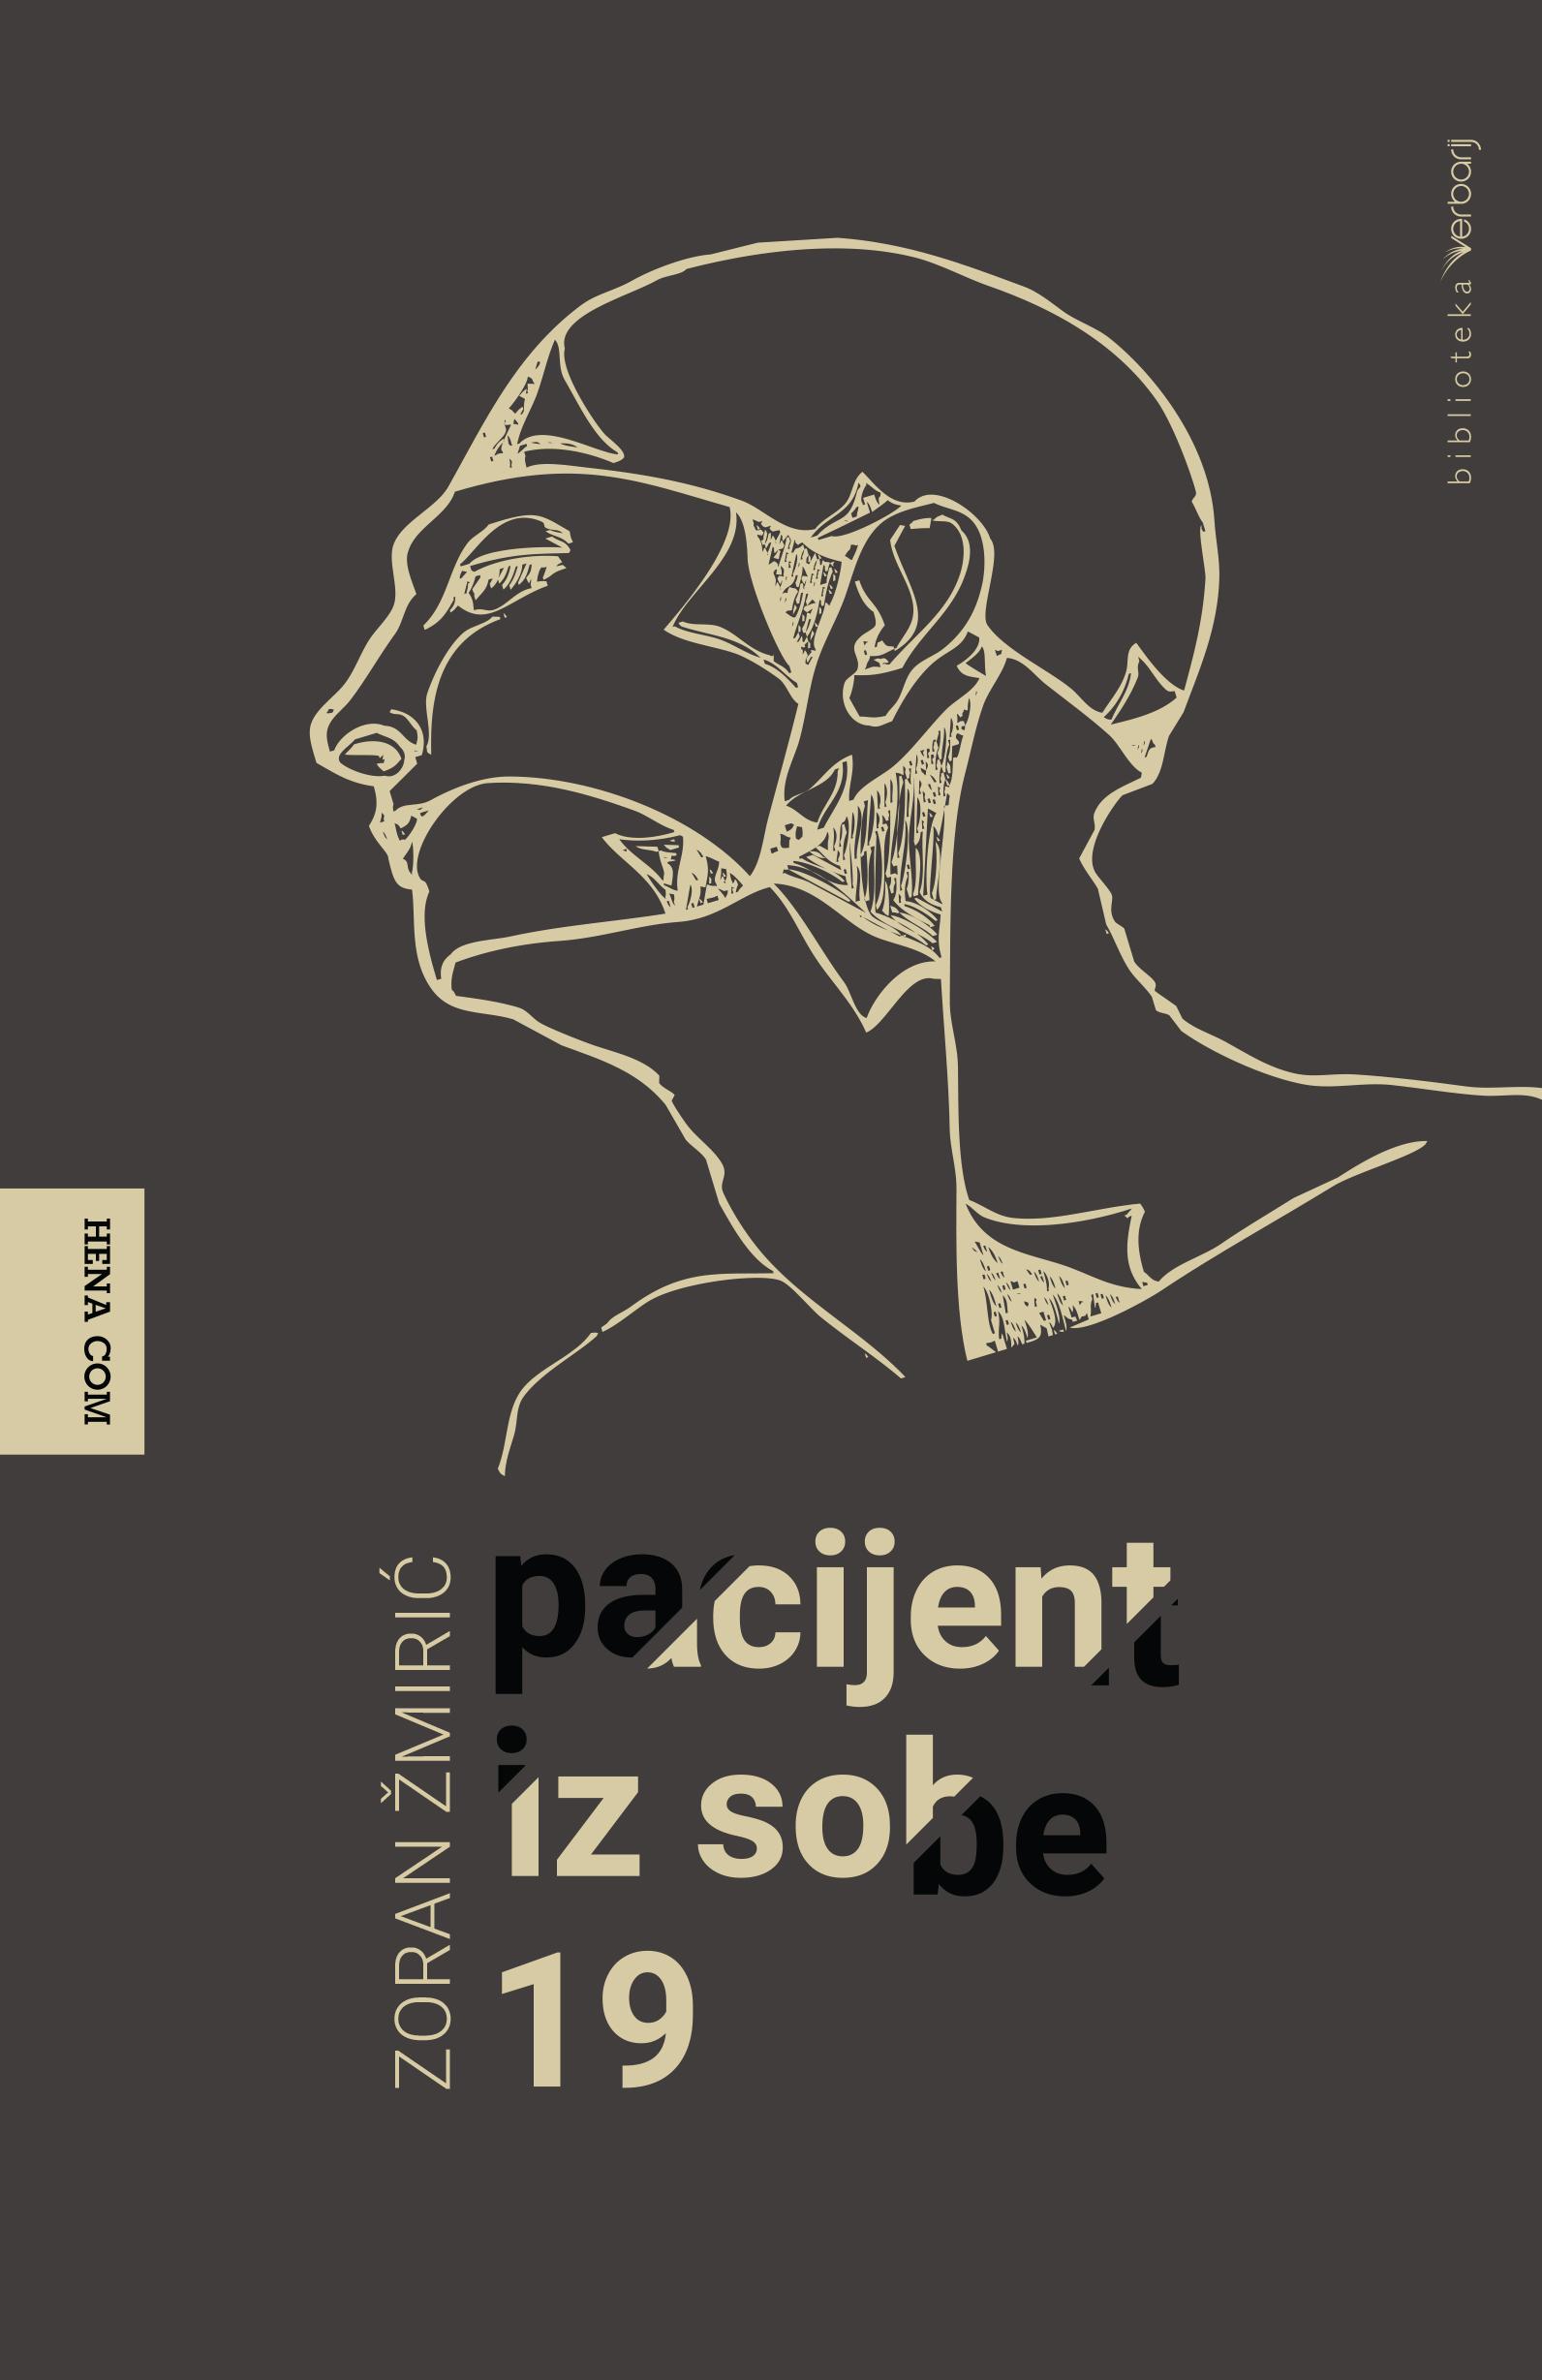 zoran žmirić pacijent iz sobe 19